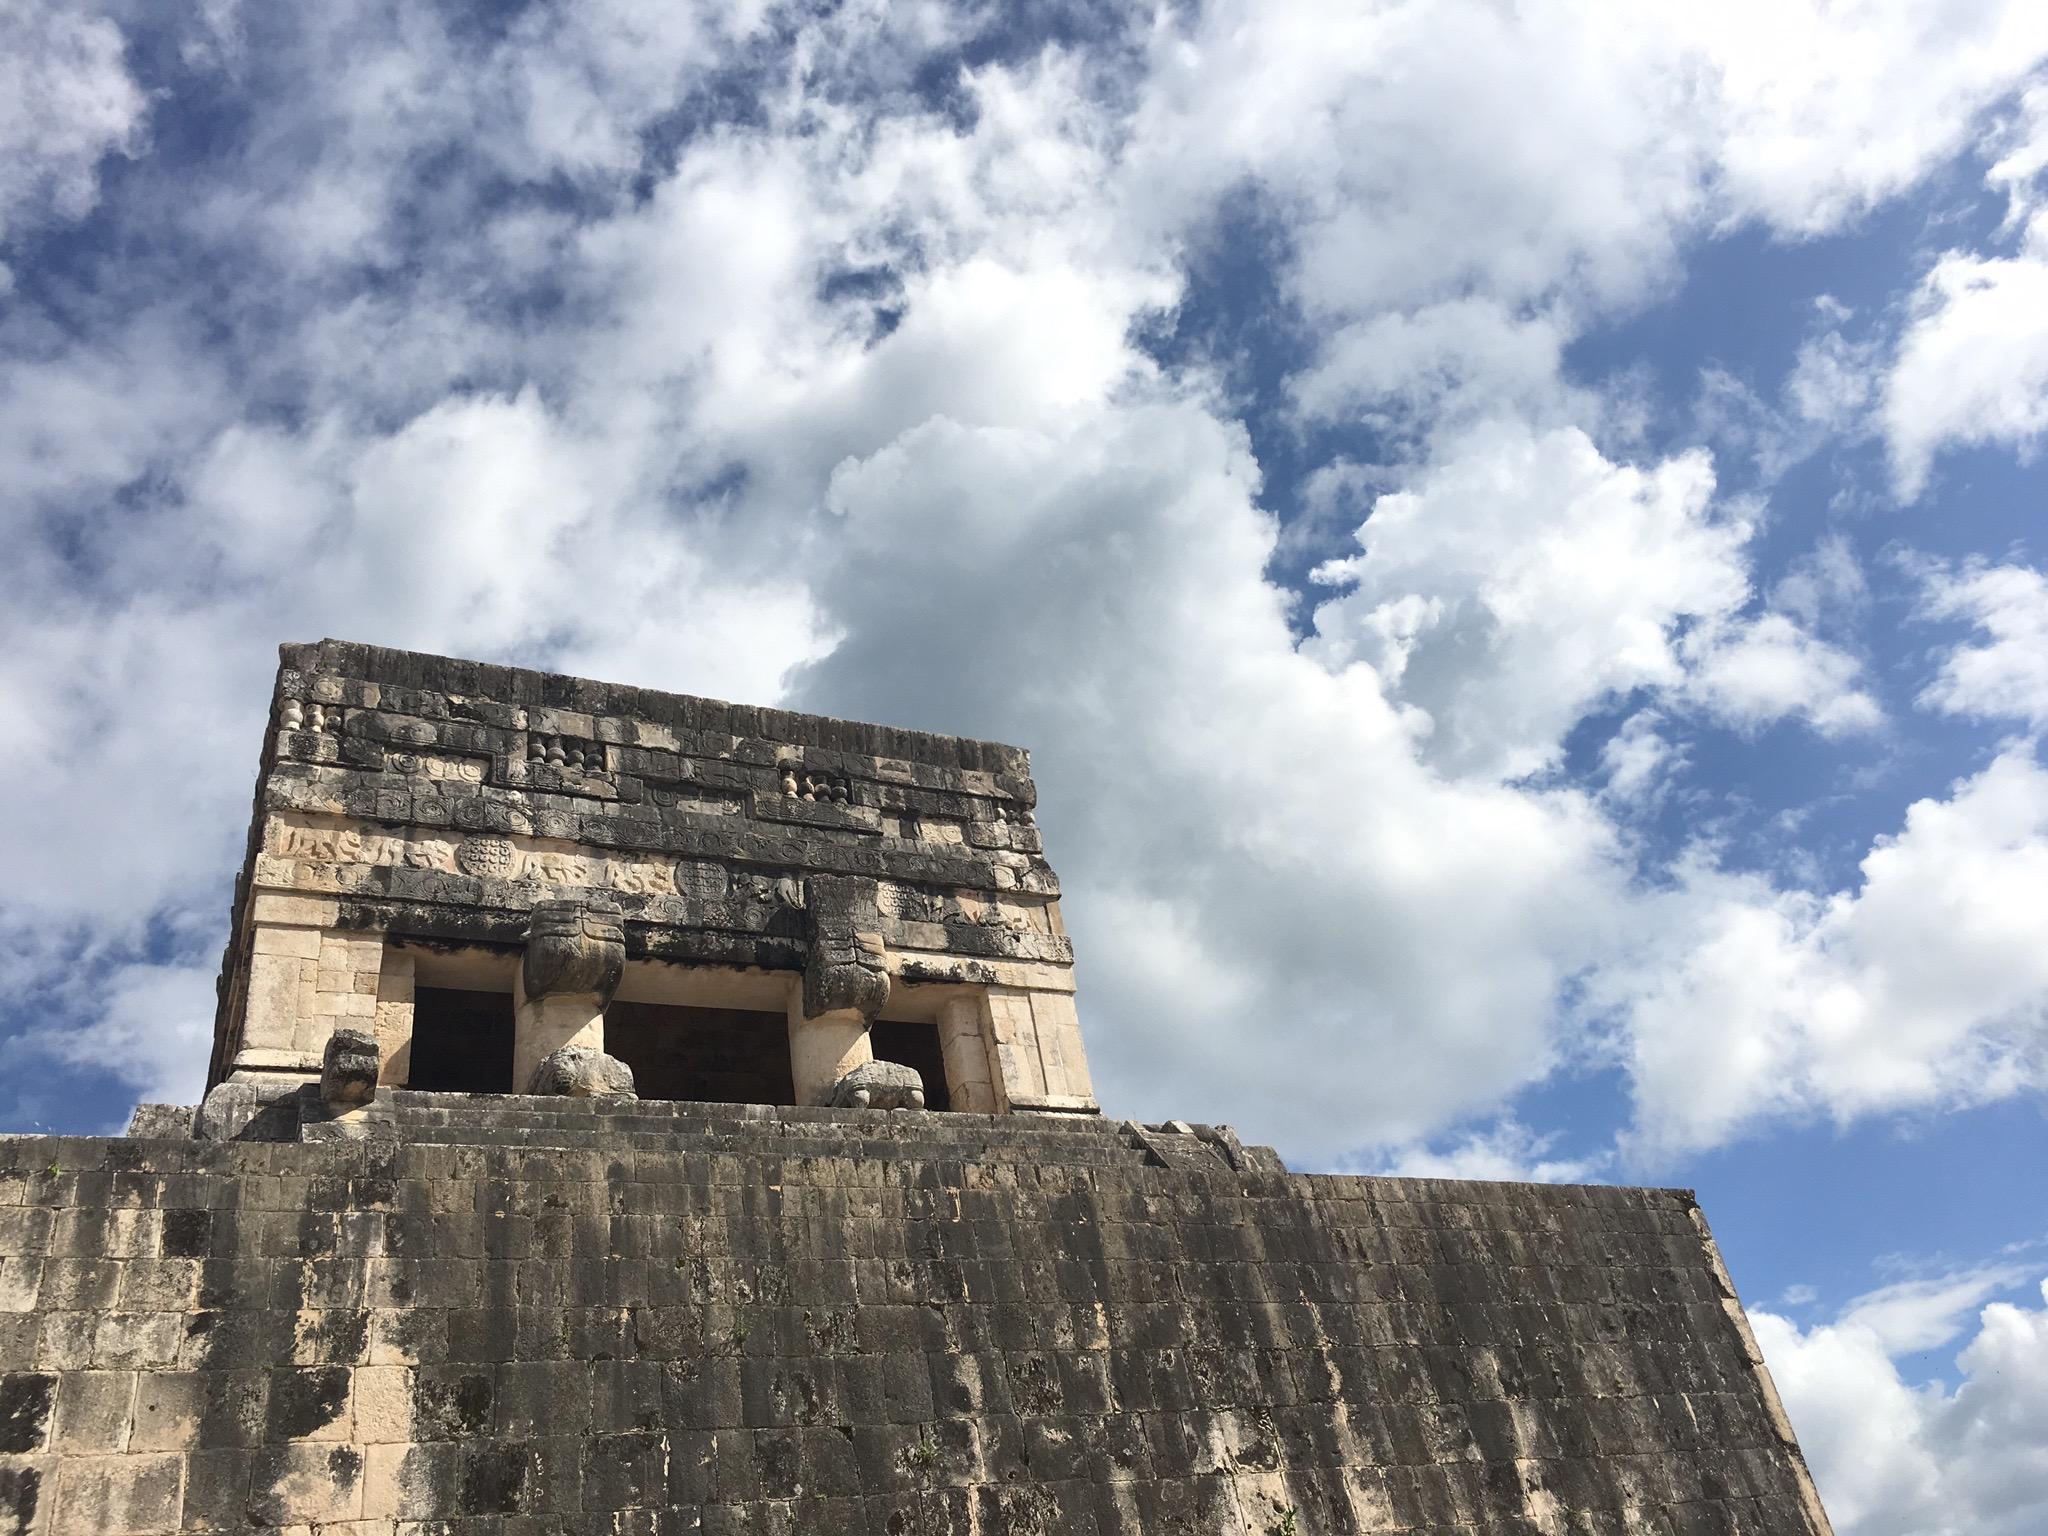 Cancun_April_Dexter540.jpg